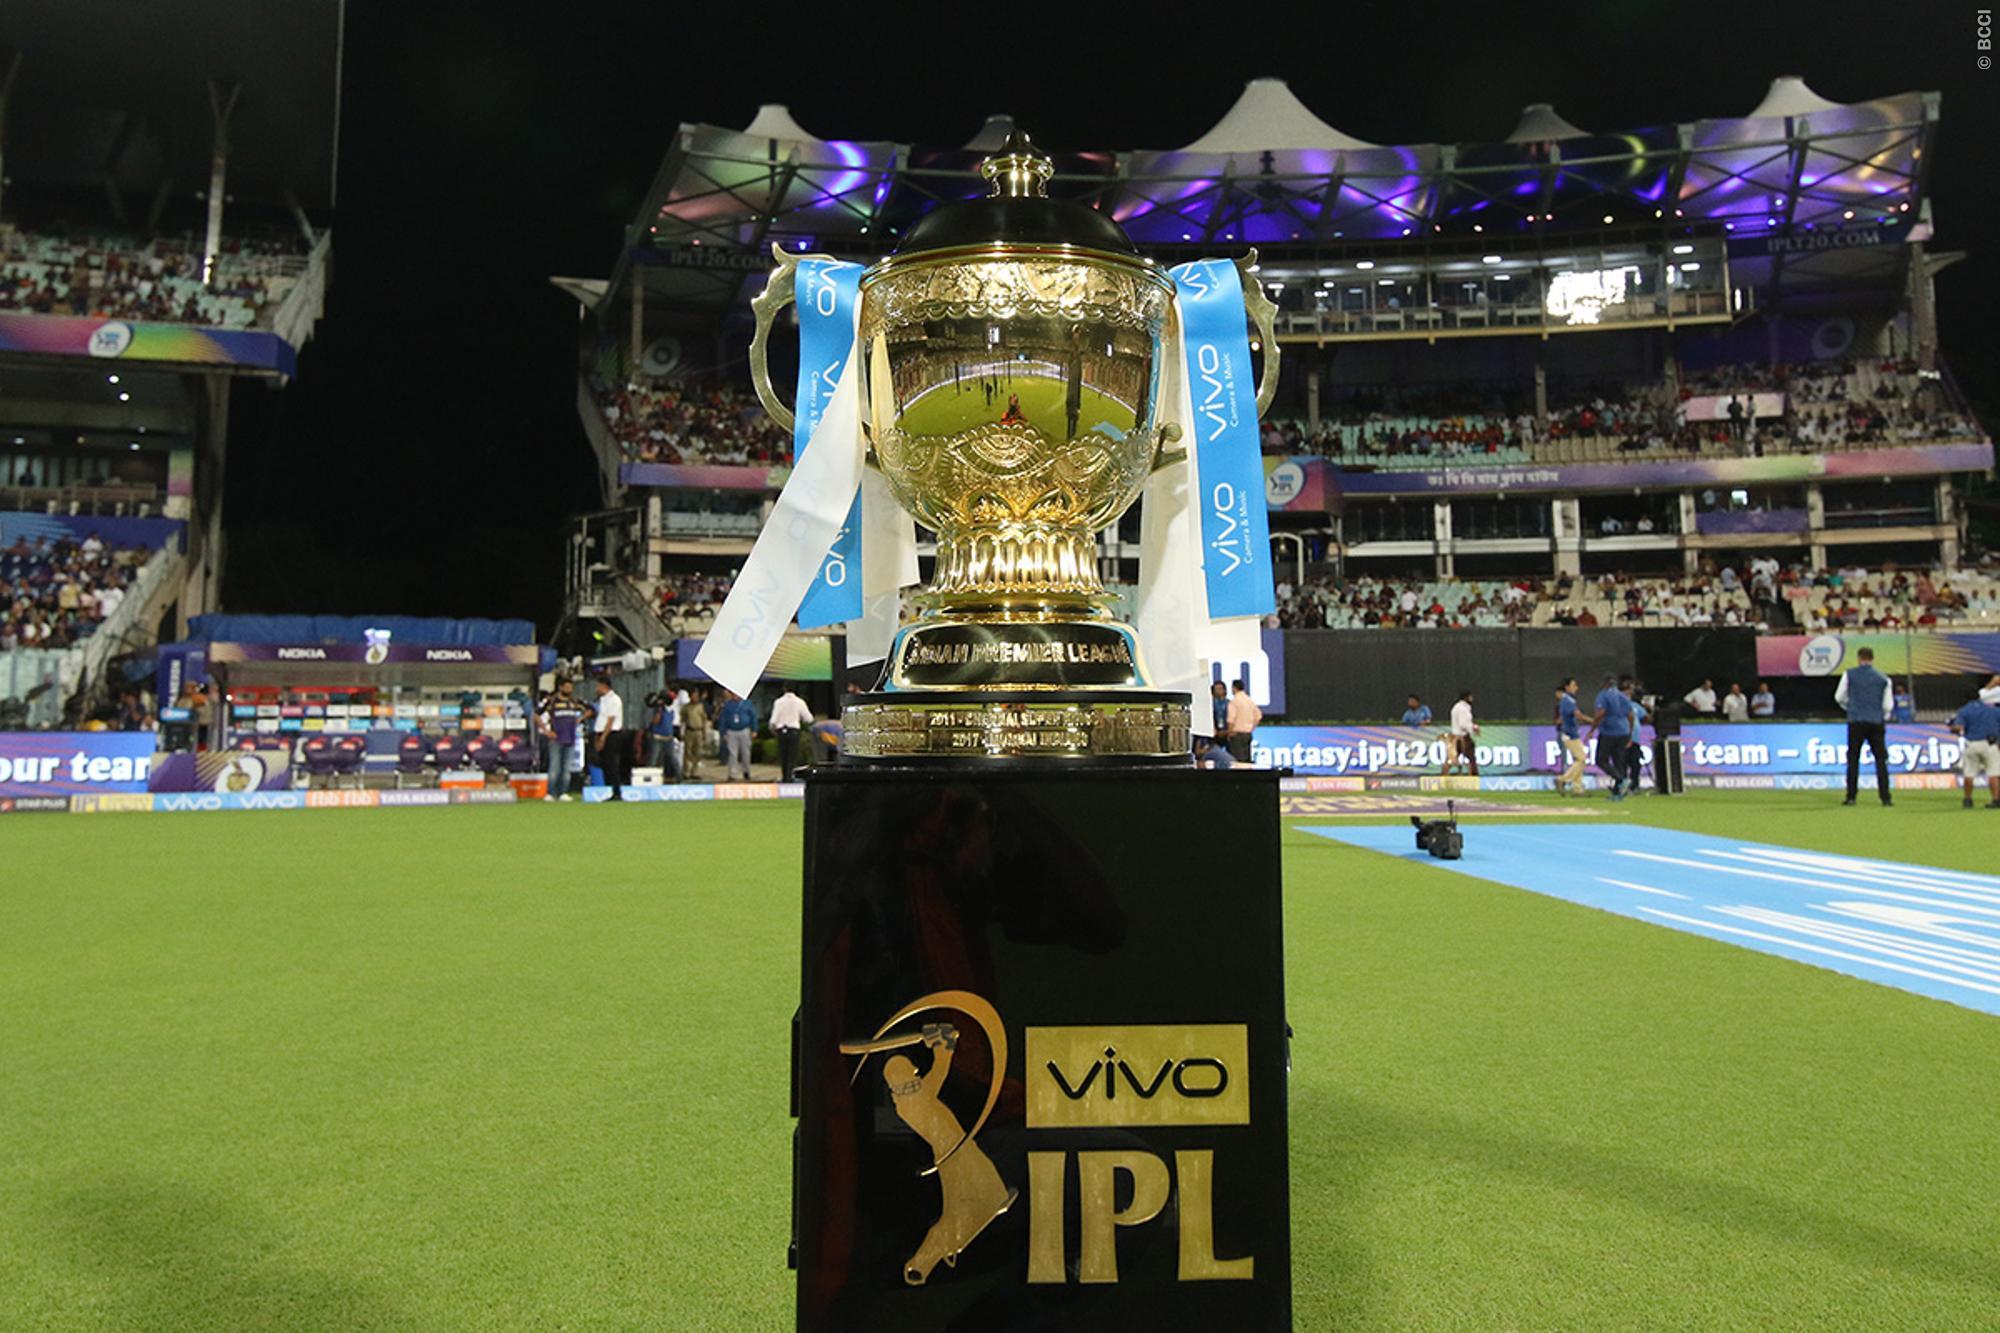 2019 आईपीएल से पहले बीसीसीआई के सामने आई ये 2 बड़ी परेशानीयां